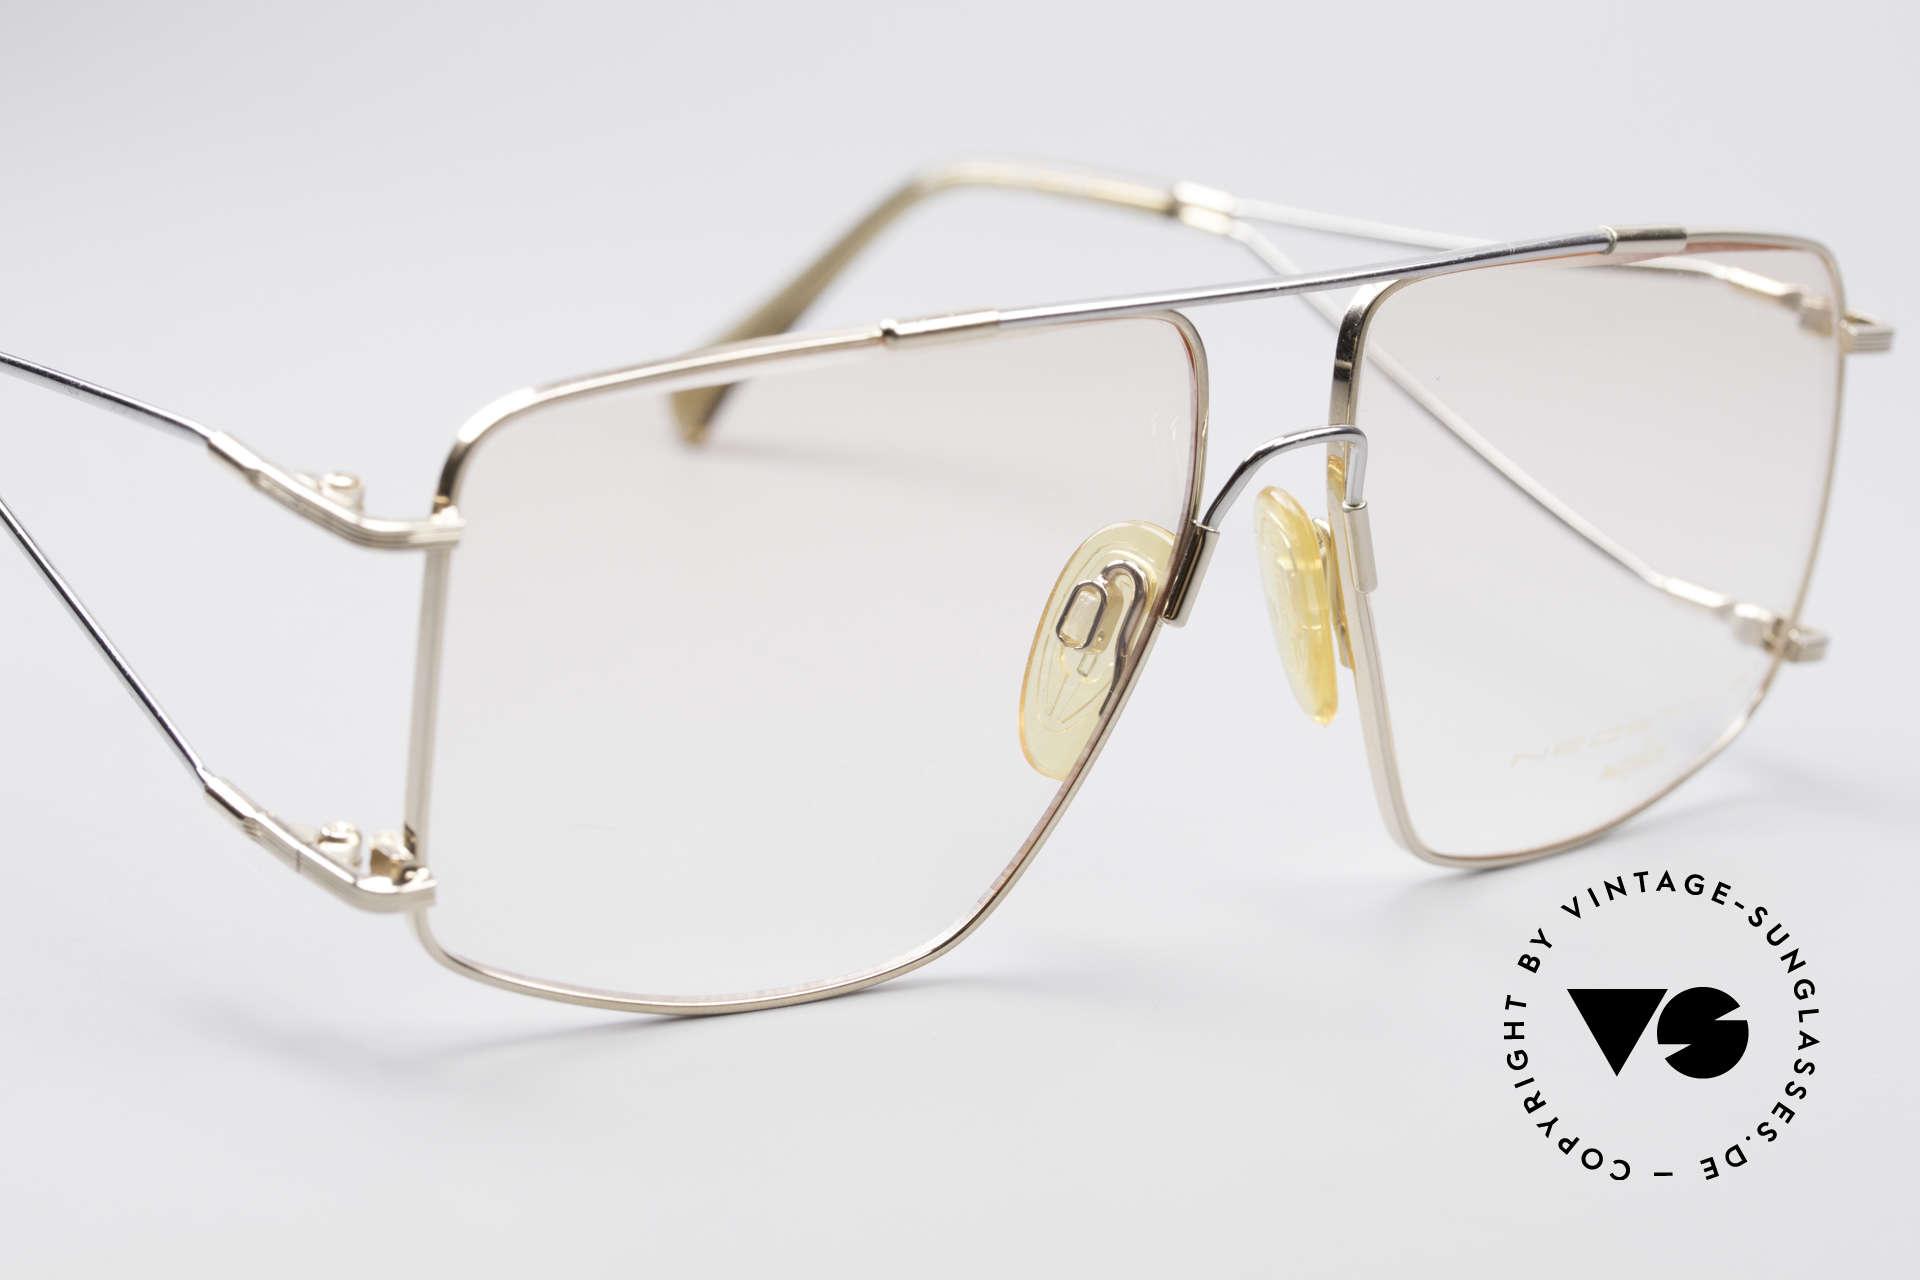 Neostyle Jet 40 Titanflex Vintage Brille, genialer 'Memory-Effekt' (muss man ausprobieren!), Passend für Herren